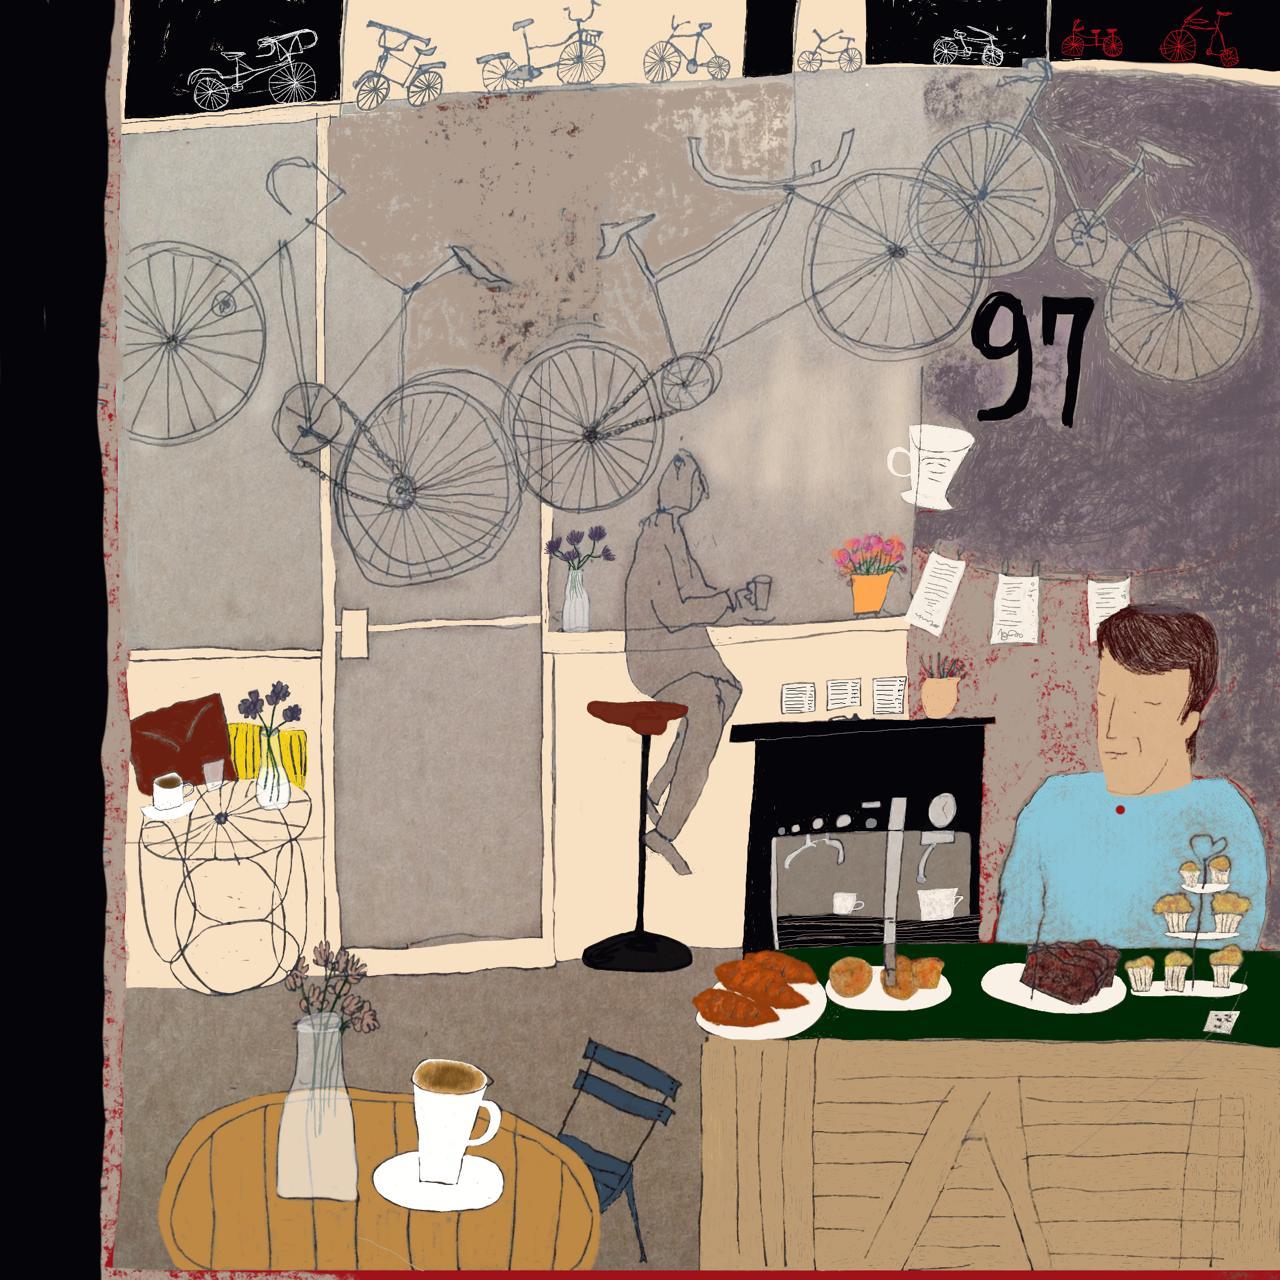 th_BicycleCafe7april2015